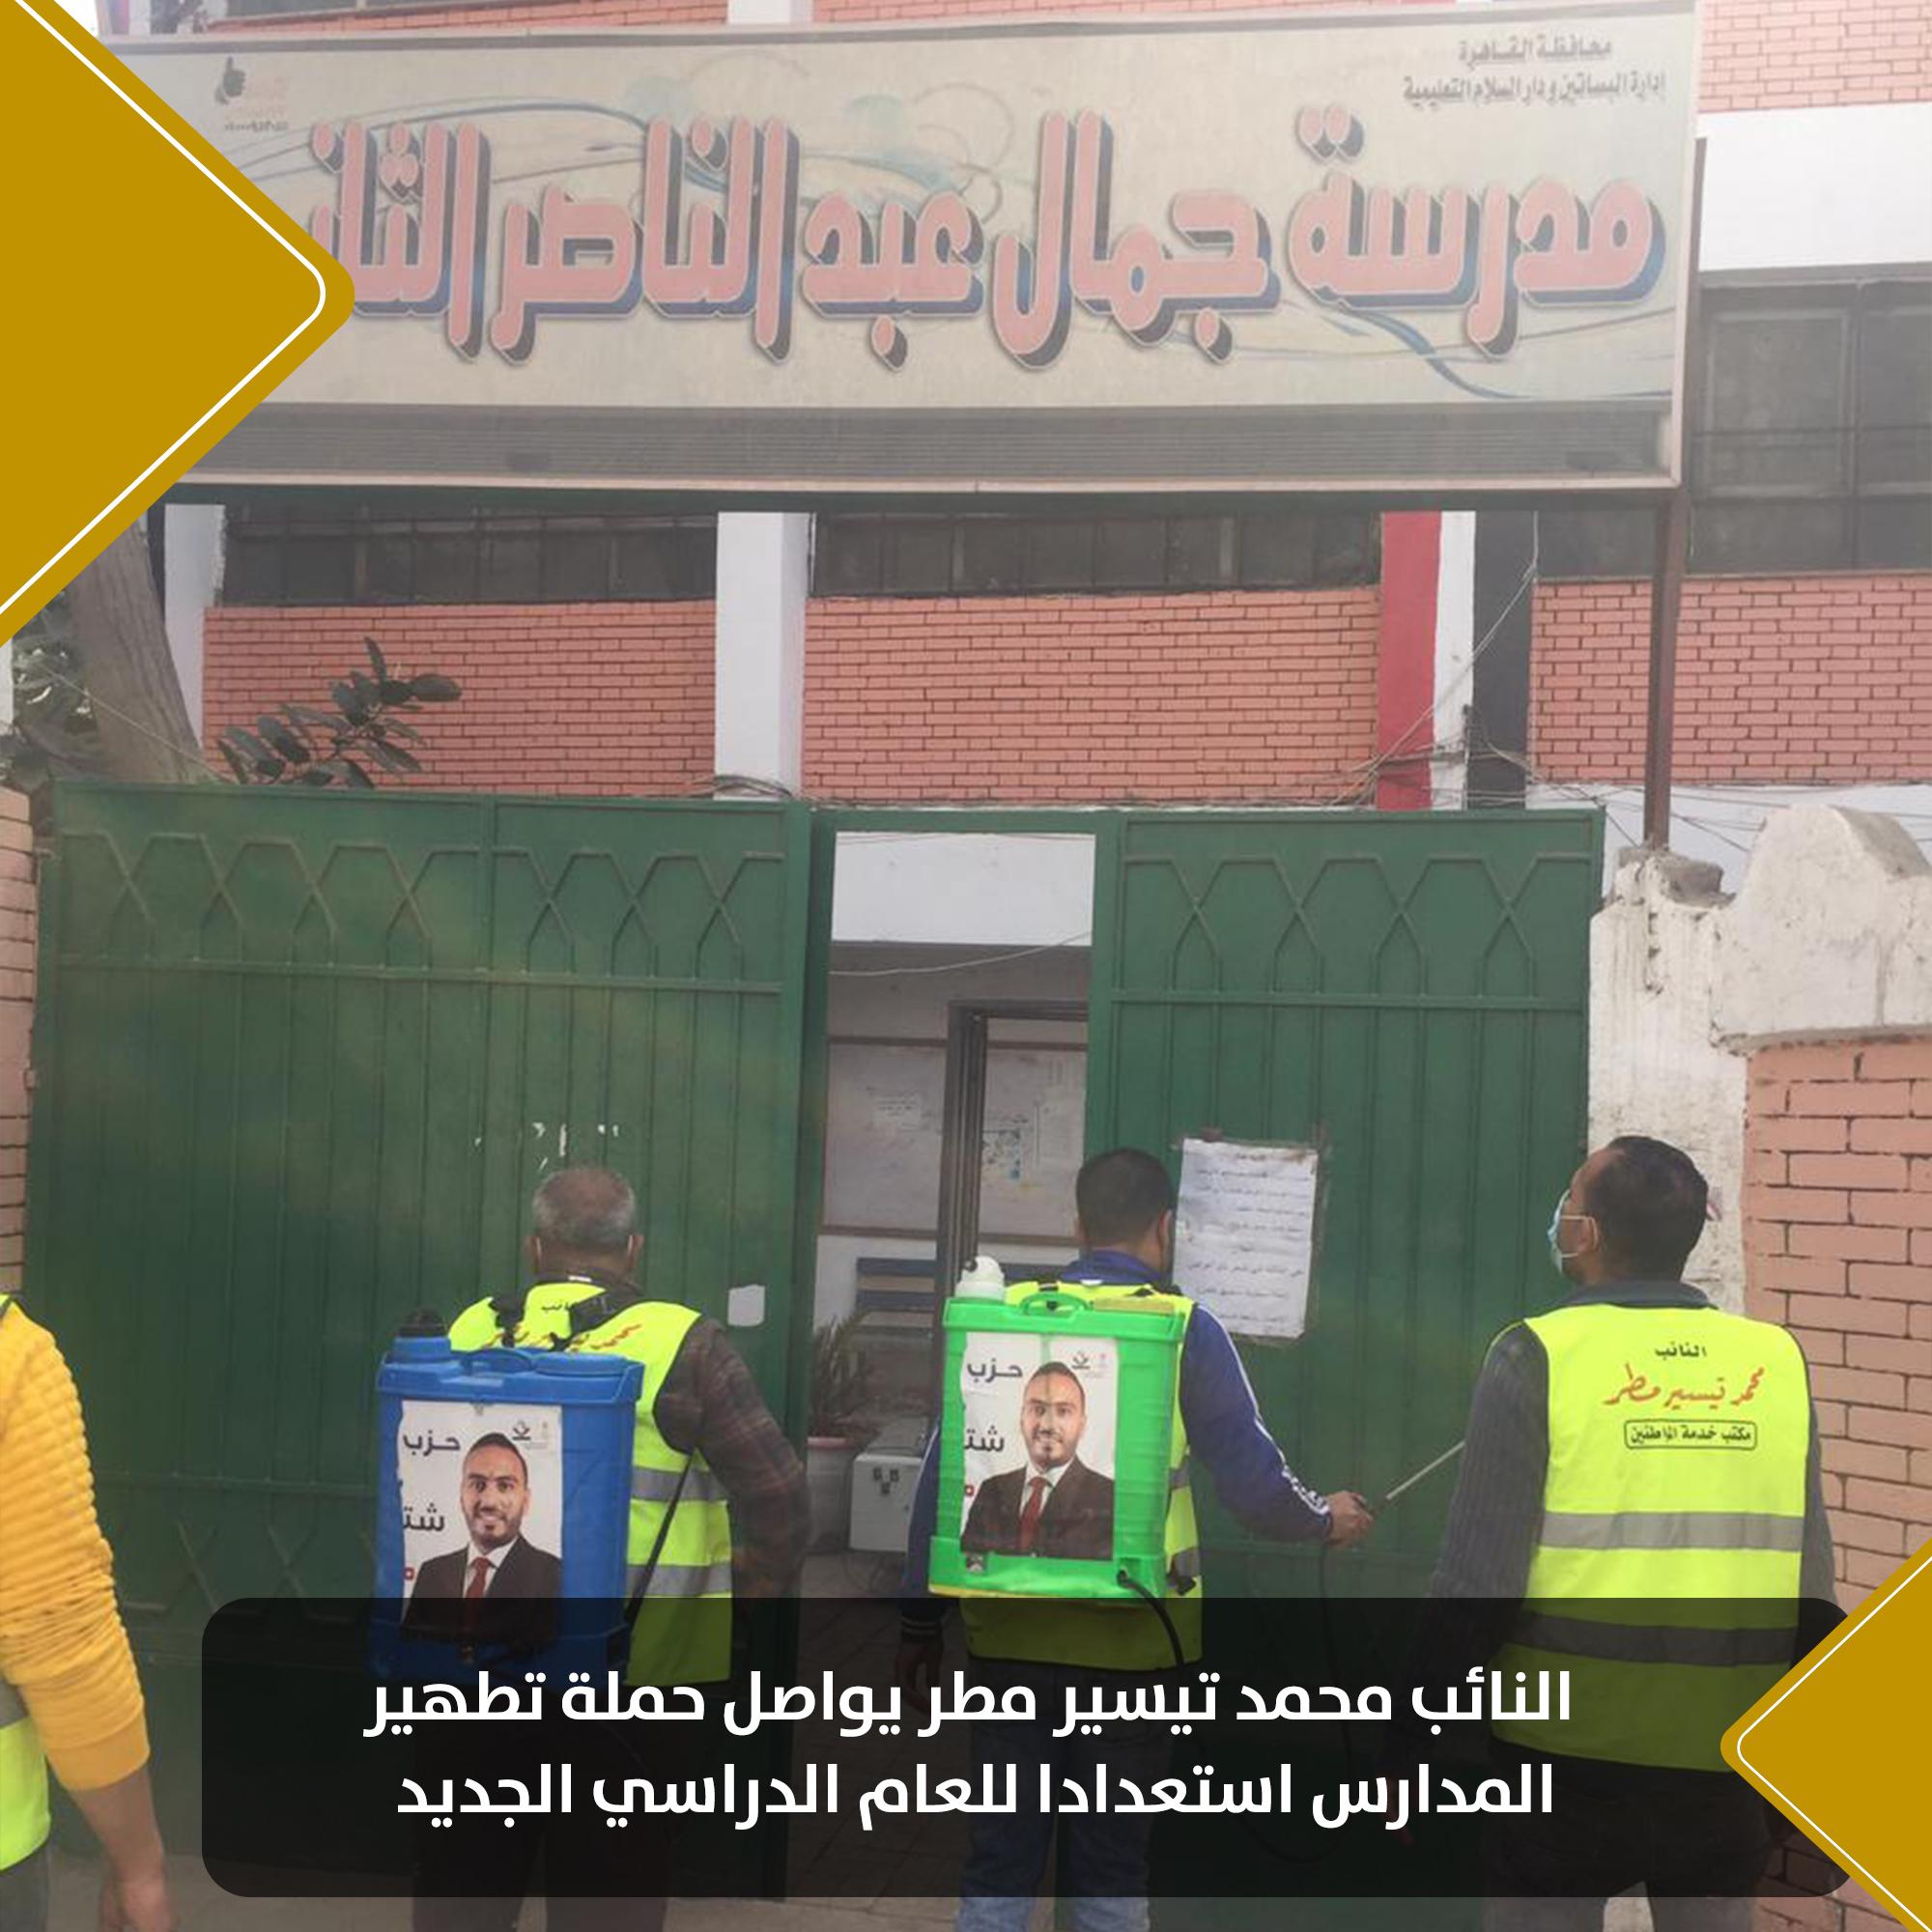 النائب محمد تيسير مطر يواصل حملة تطهير المدارسس (24)